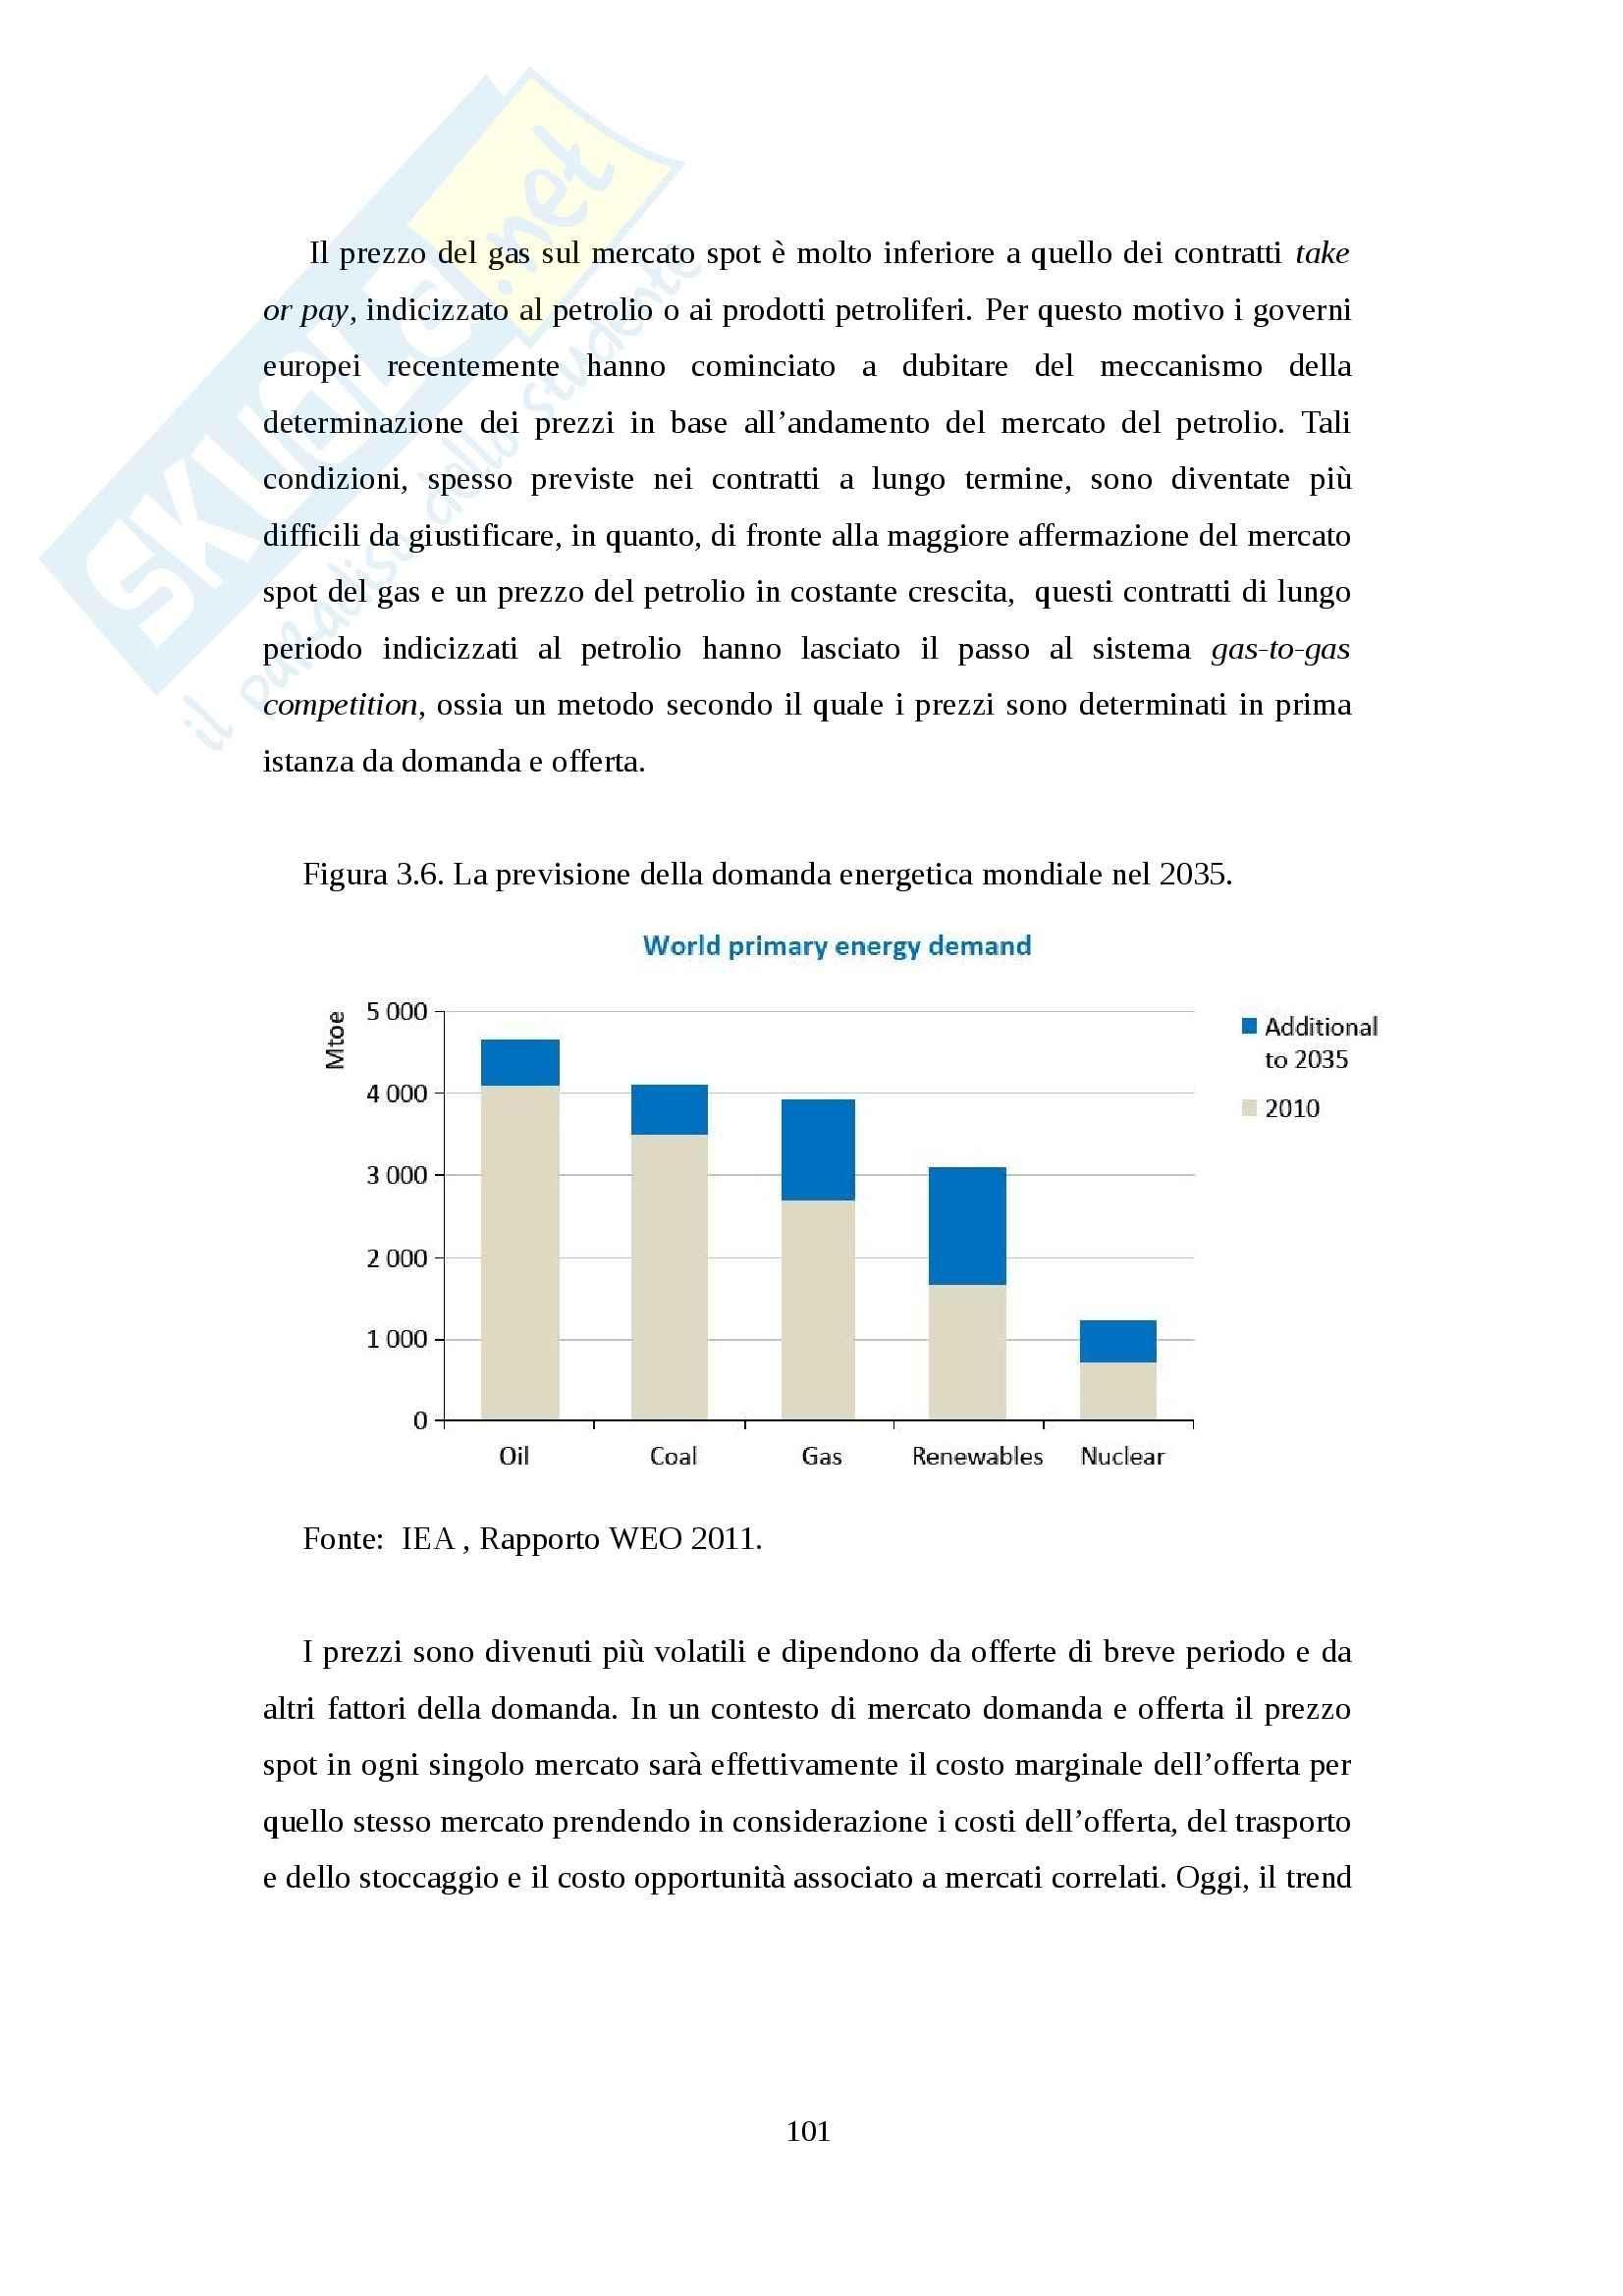 Rapporto di collaborazione tra Europa e Russia nel settore energetico - Tesi Pag. 101